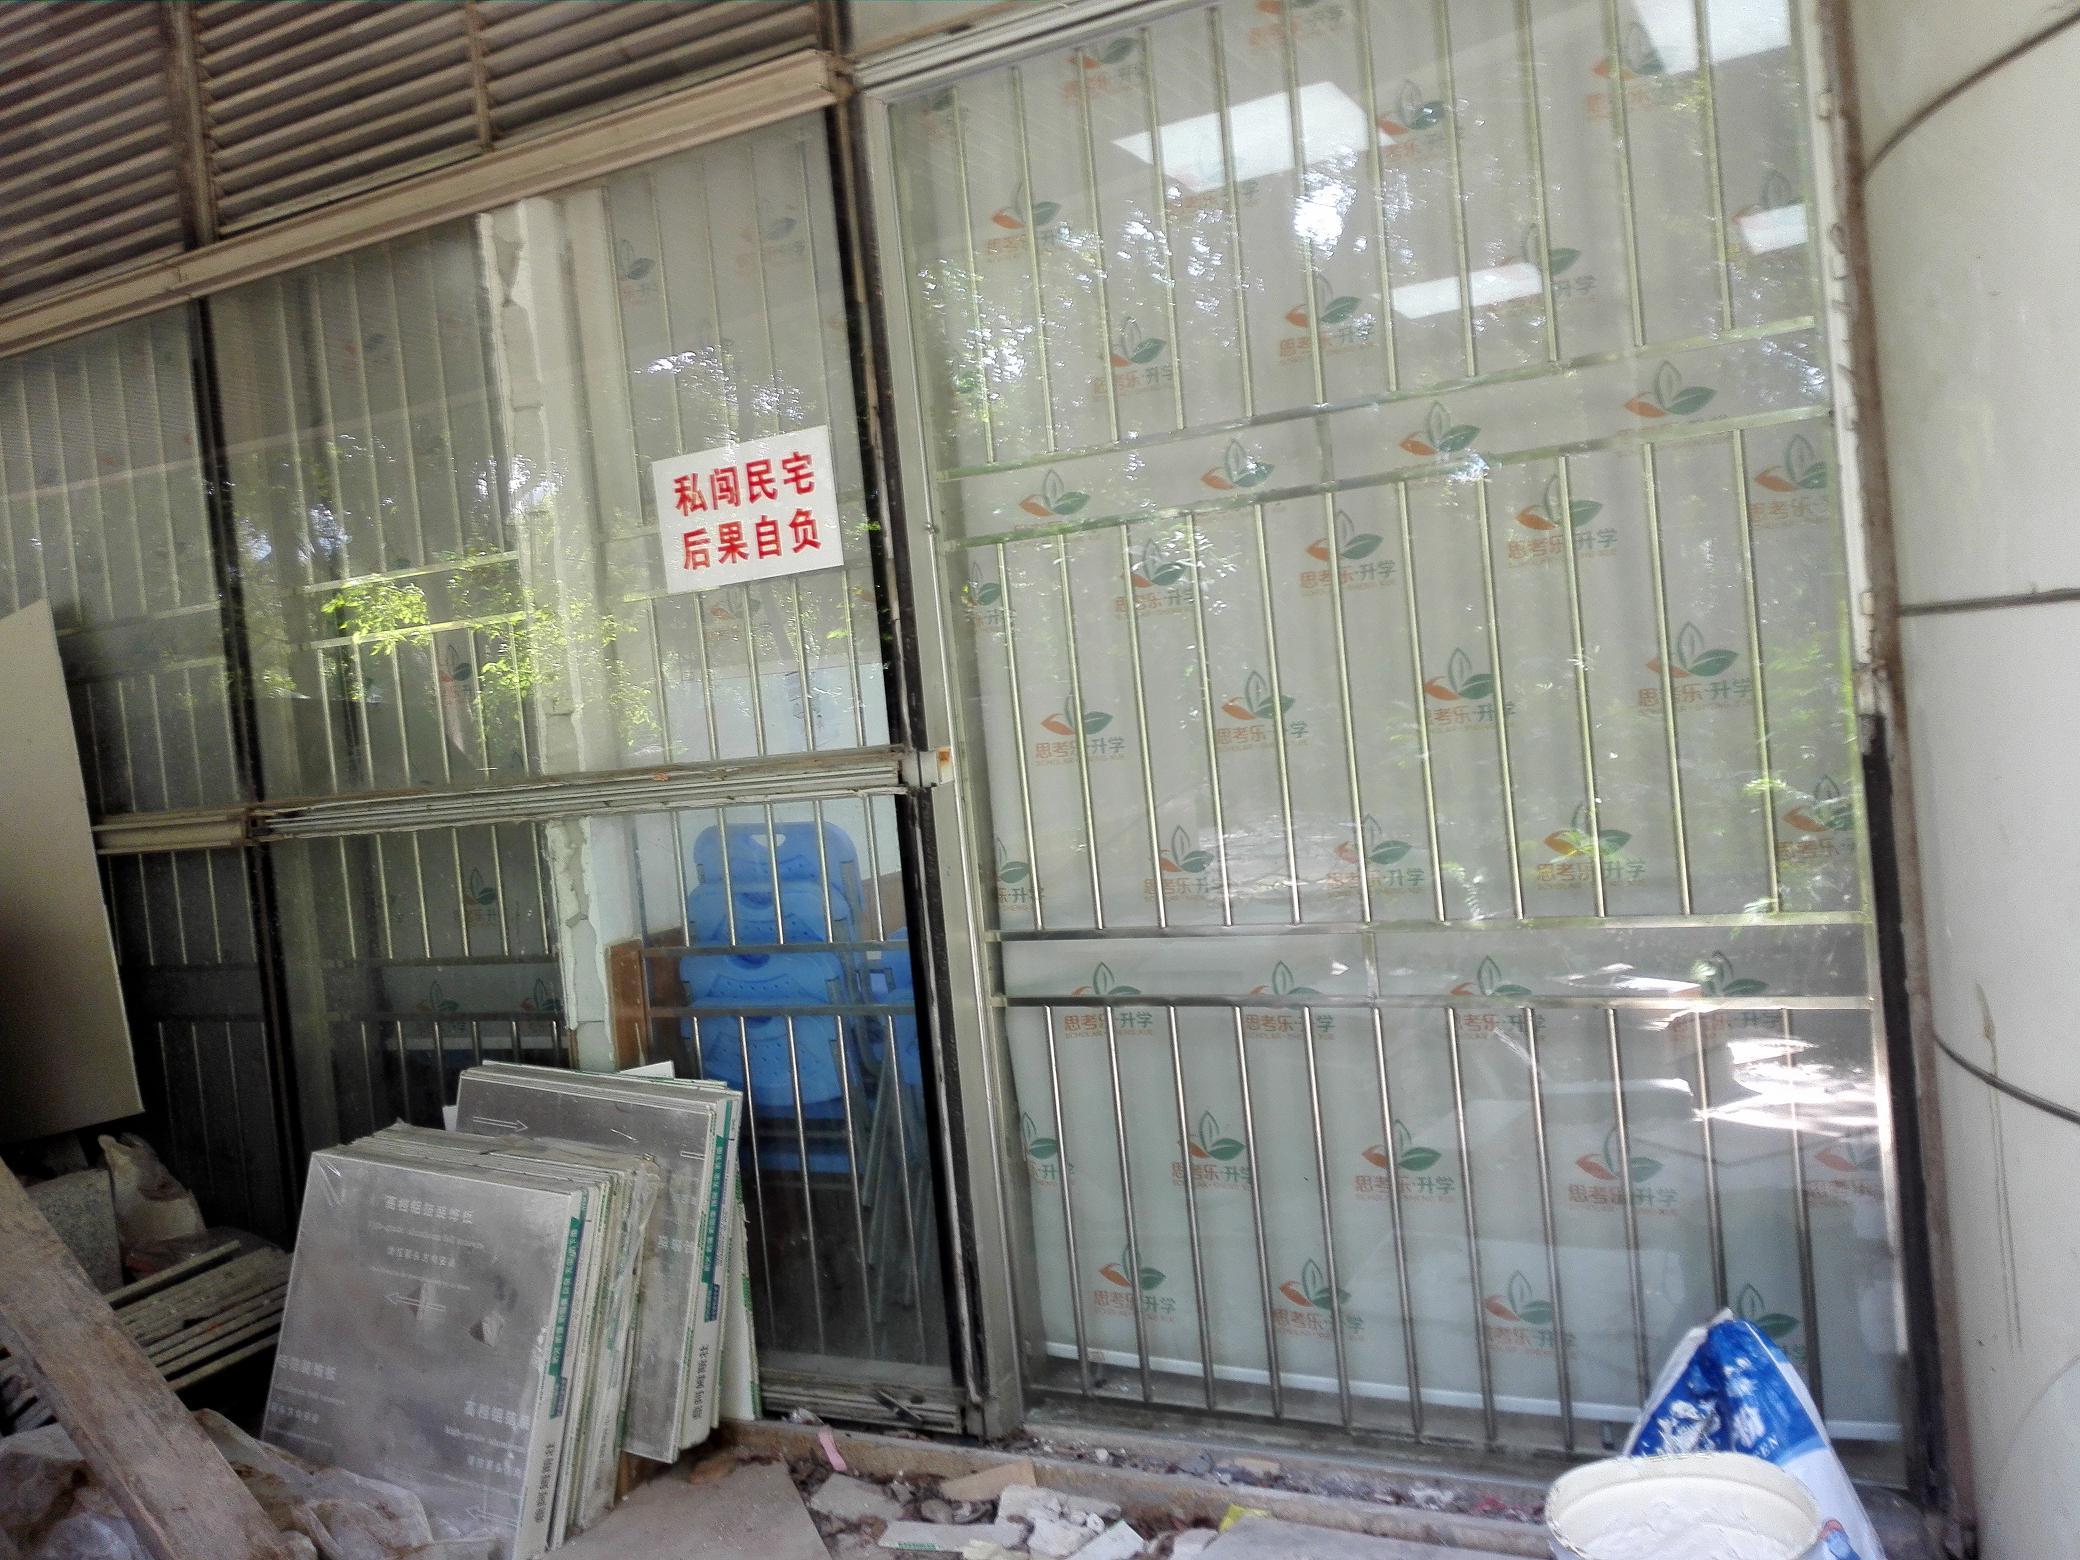 被商户封闭的公共通道入口.JPG